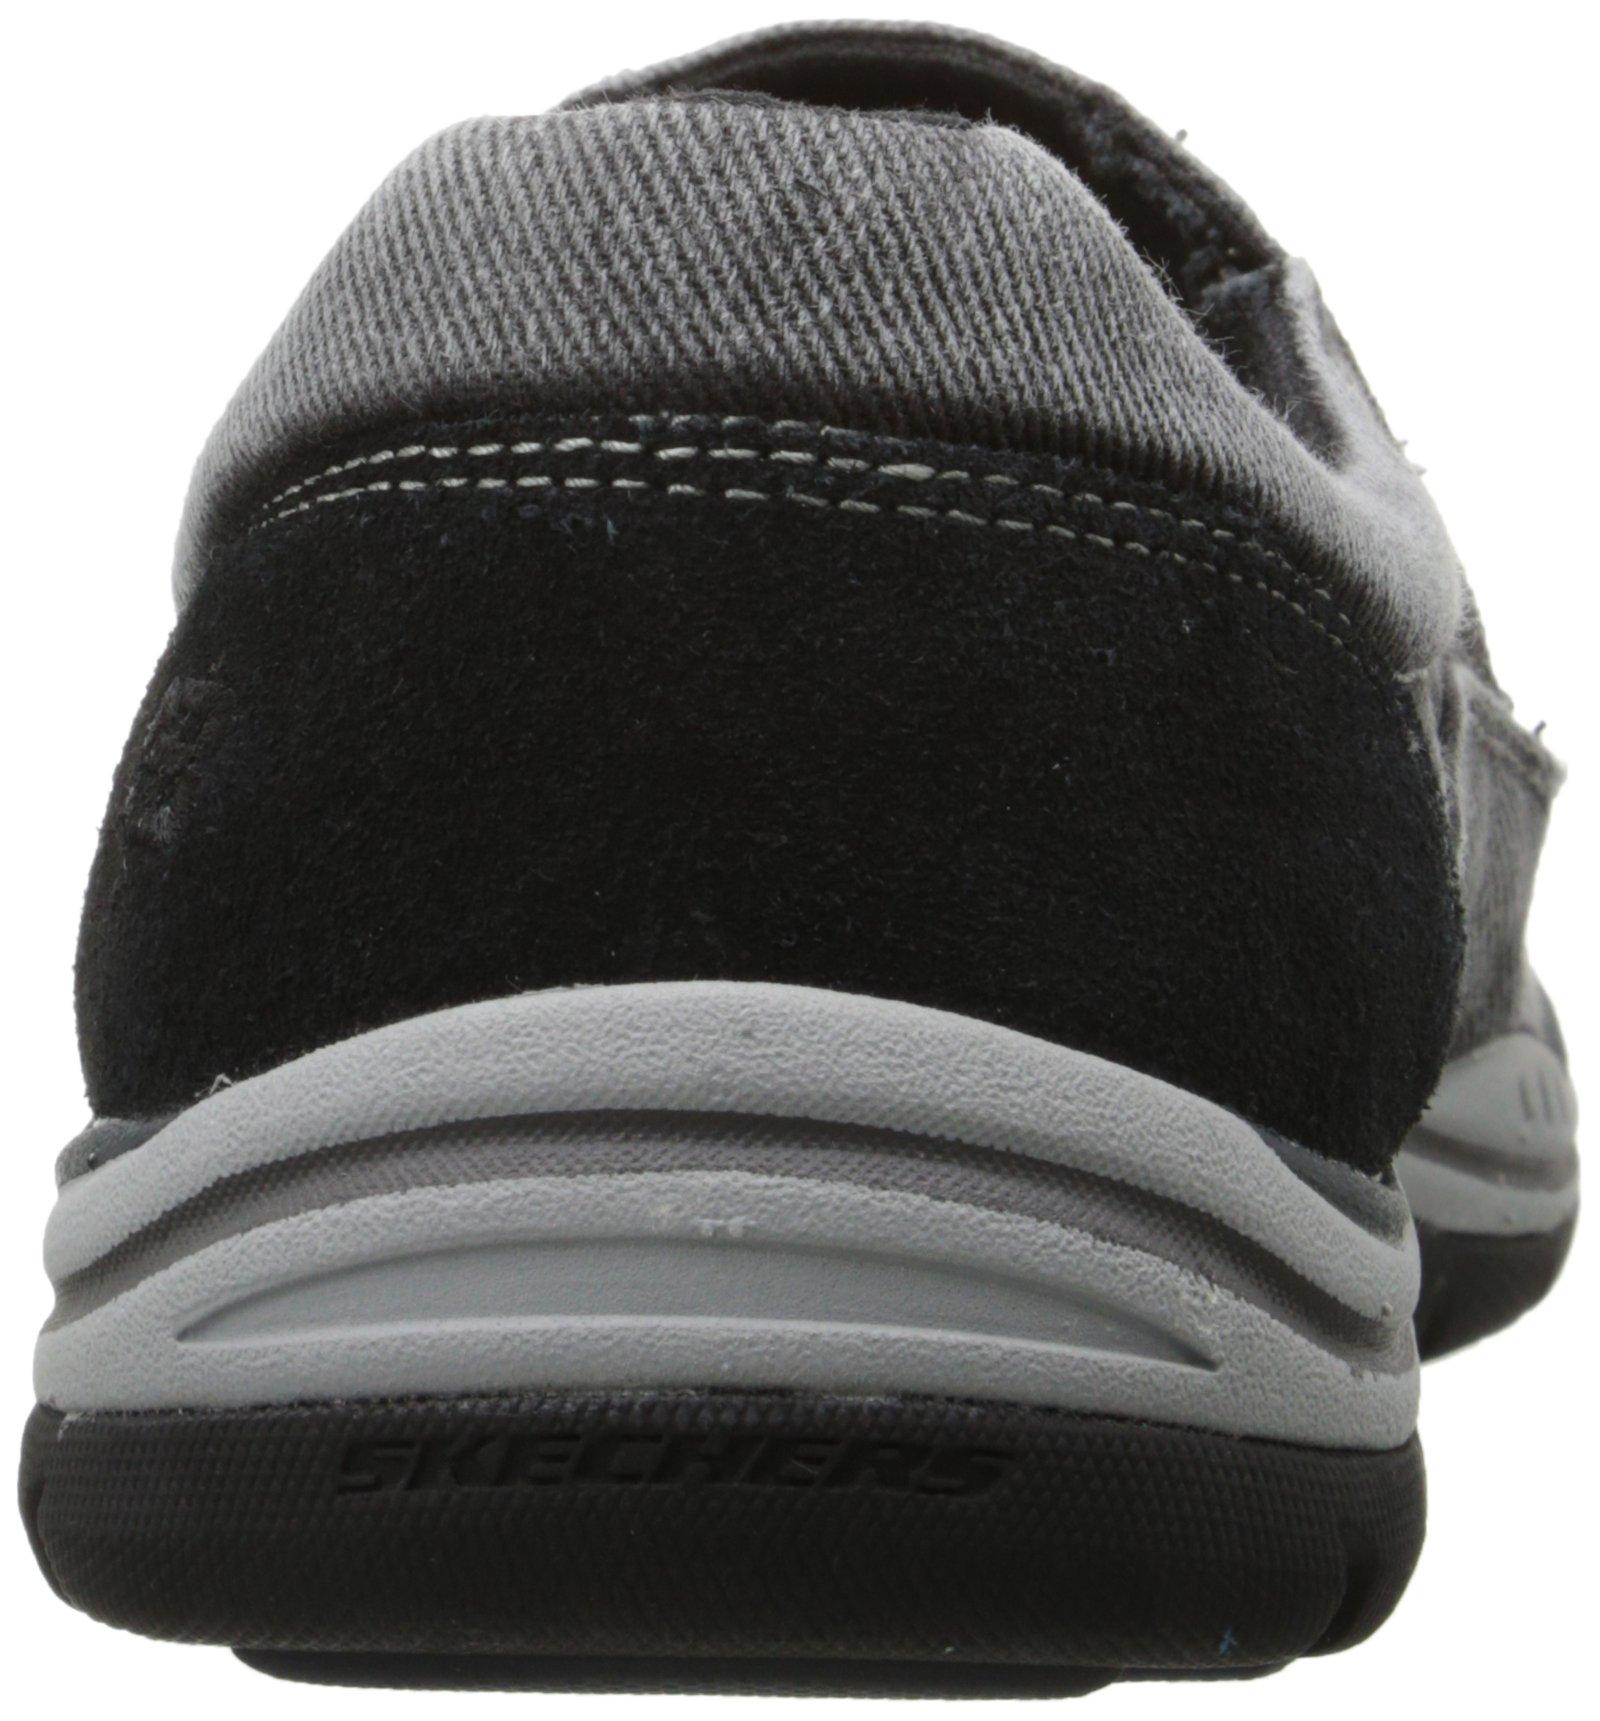 Skechers Men's Expected Avillo Relaxed-Fit Slip-On Loafer,Black,13 M US by Skechers (Image #2)